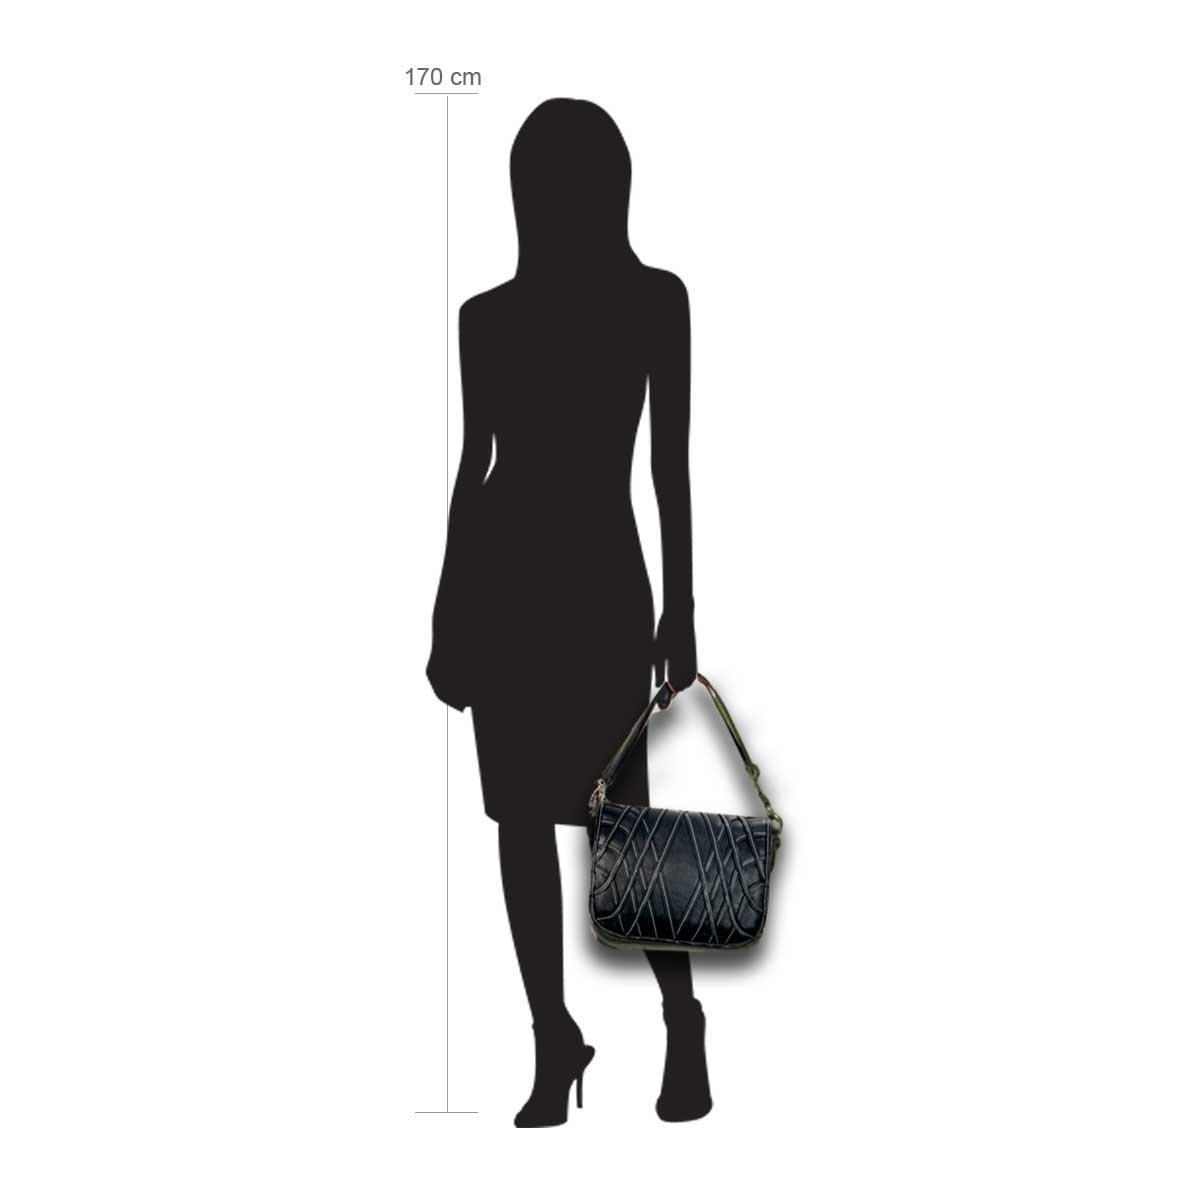 Modellpuppe 170 cm groß zeigt die Handtaschengröße an der Person Modell:Arriba